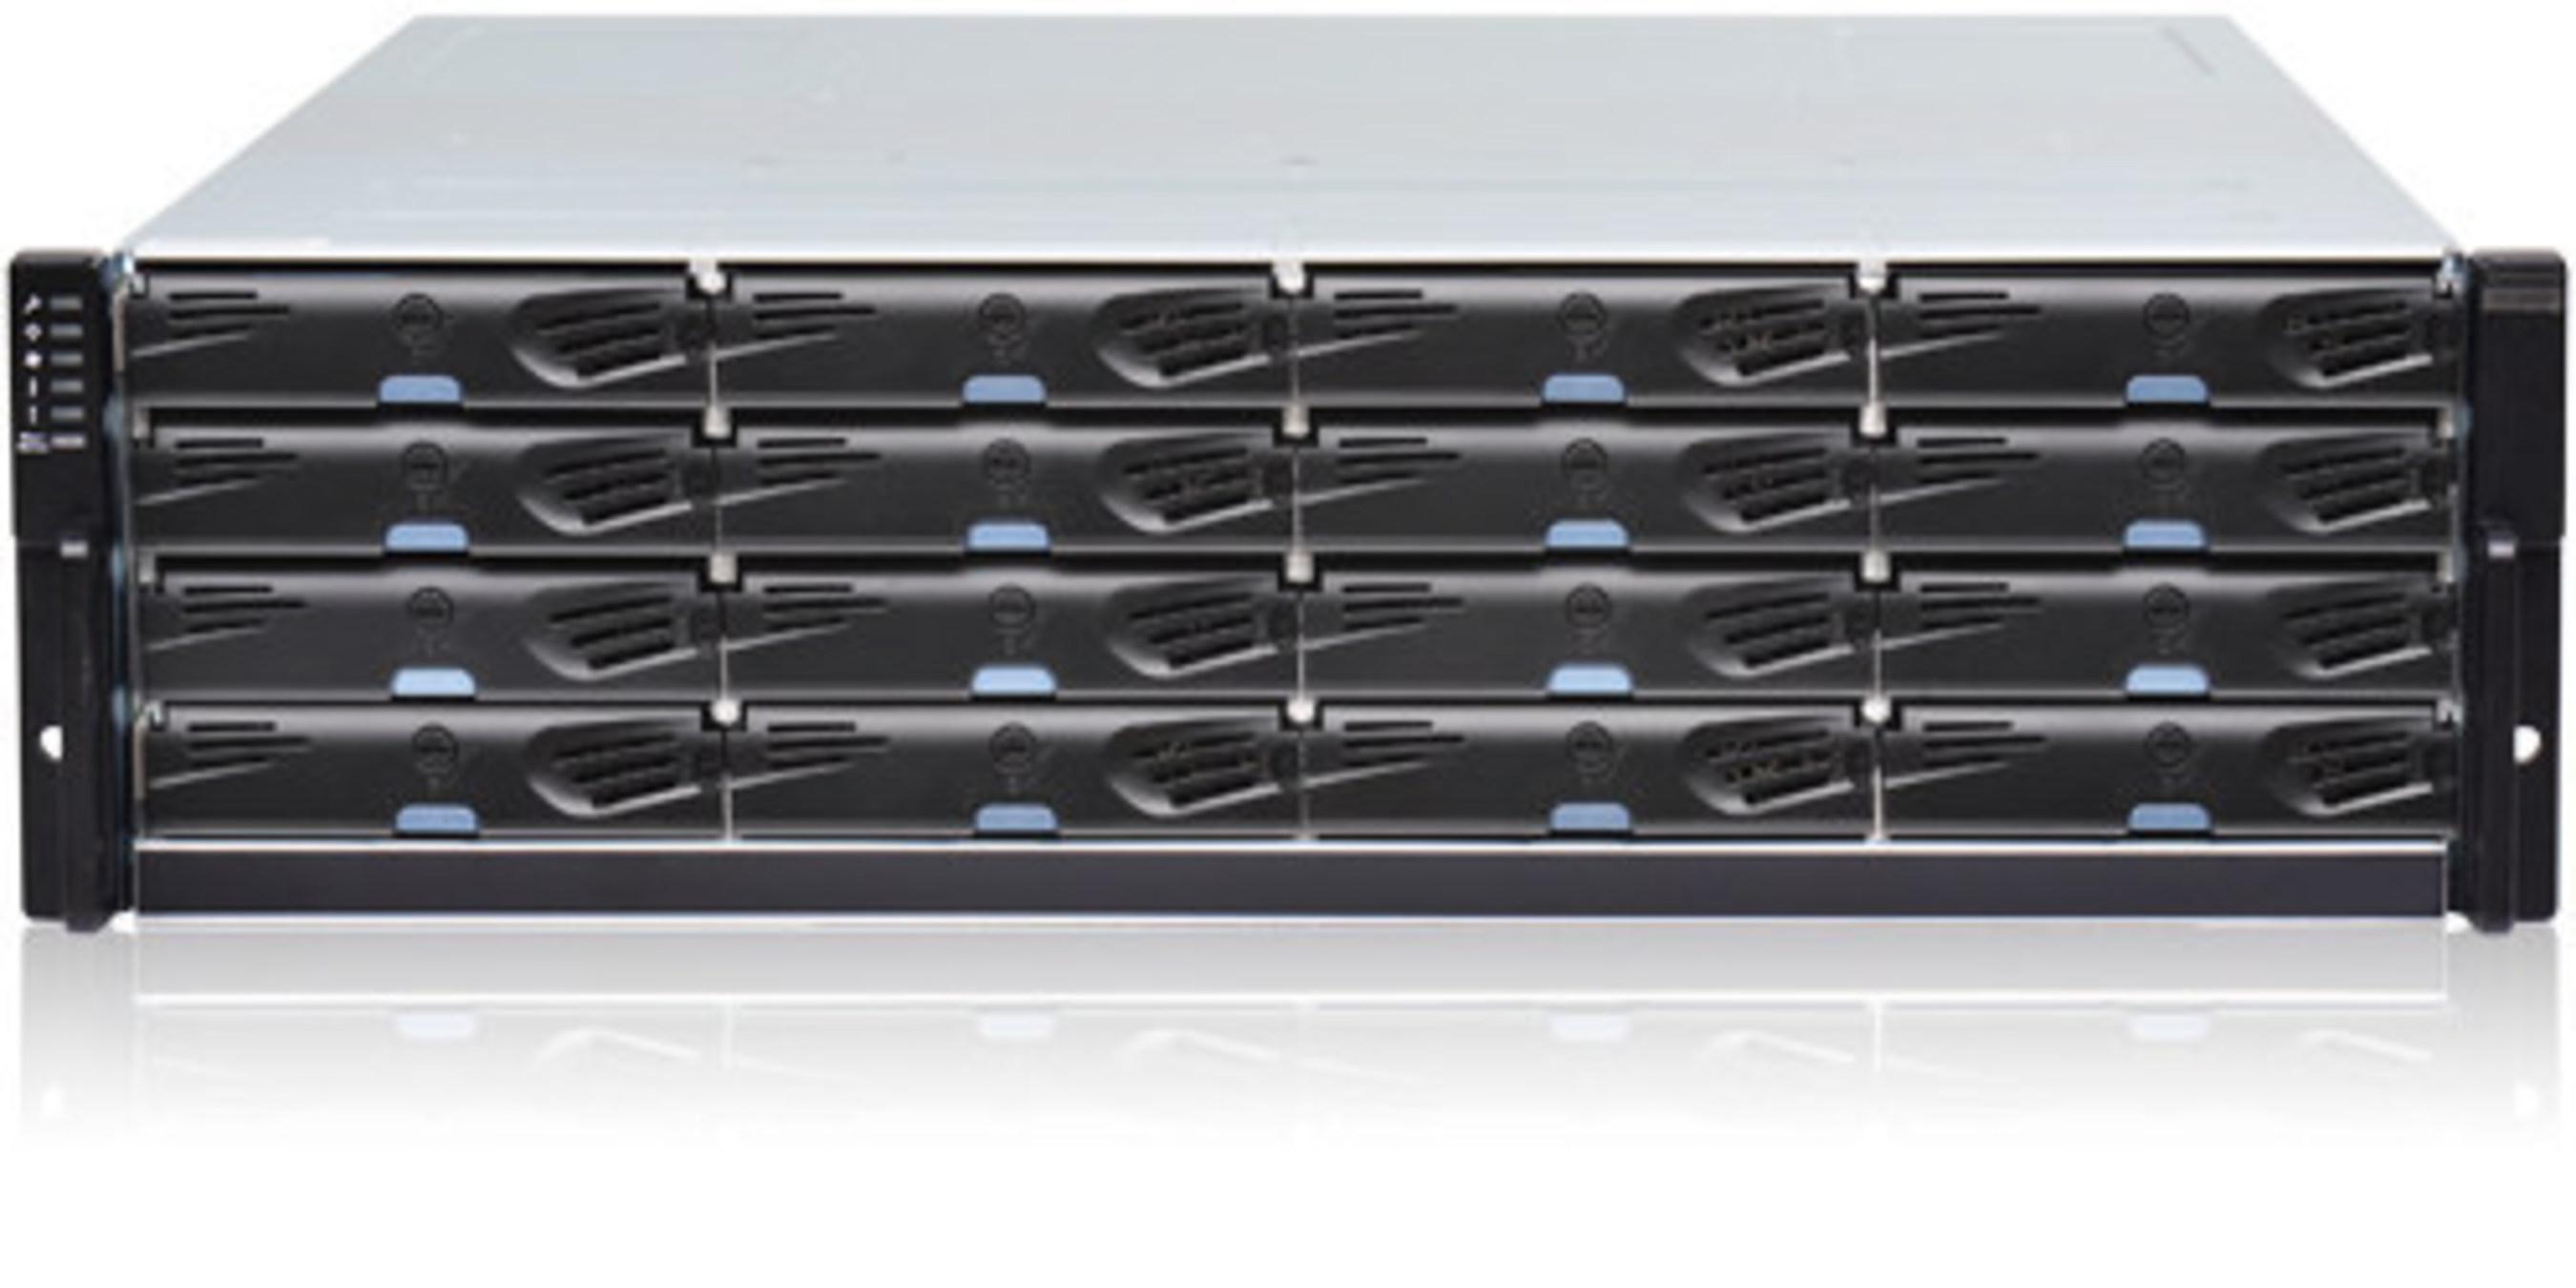 Infortrend stellt EonStor DS 4000 RAID-Systeme vor